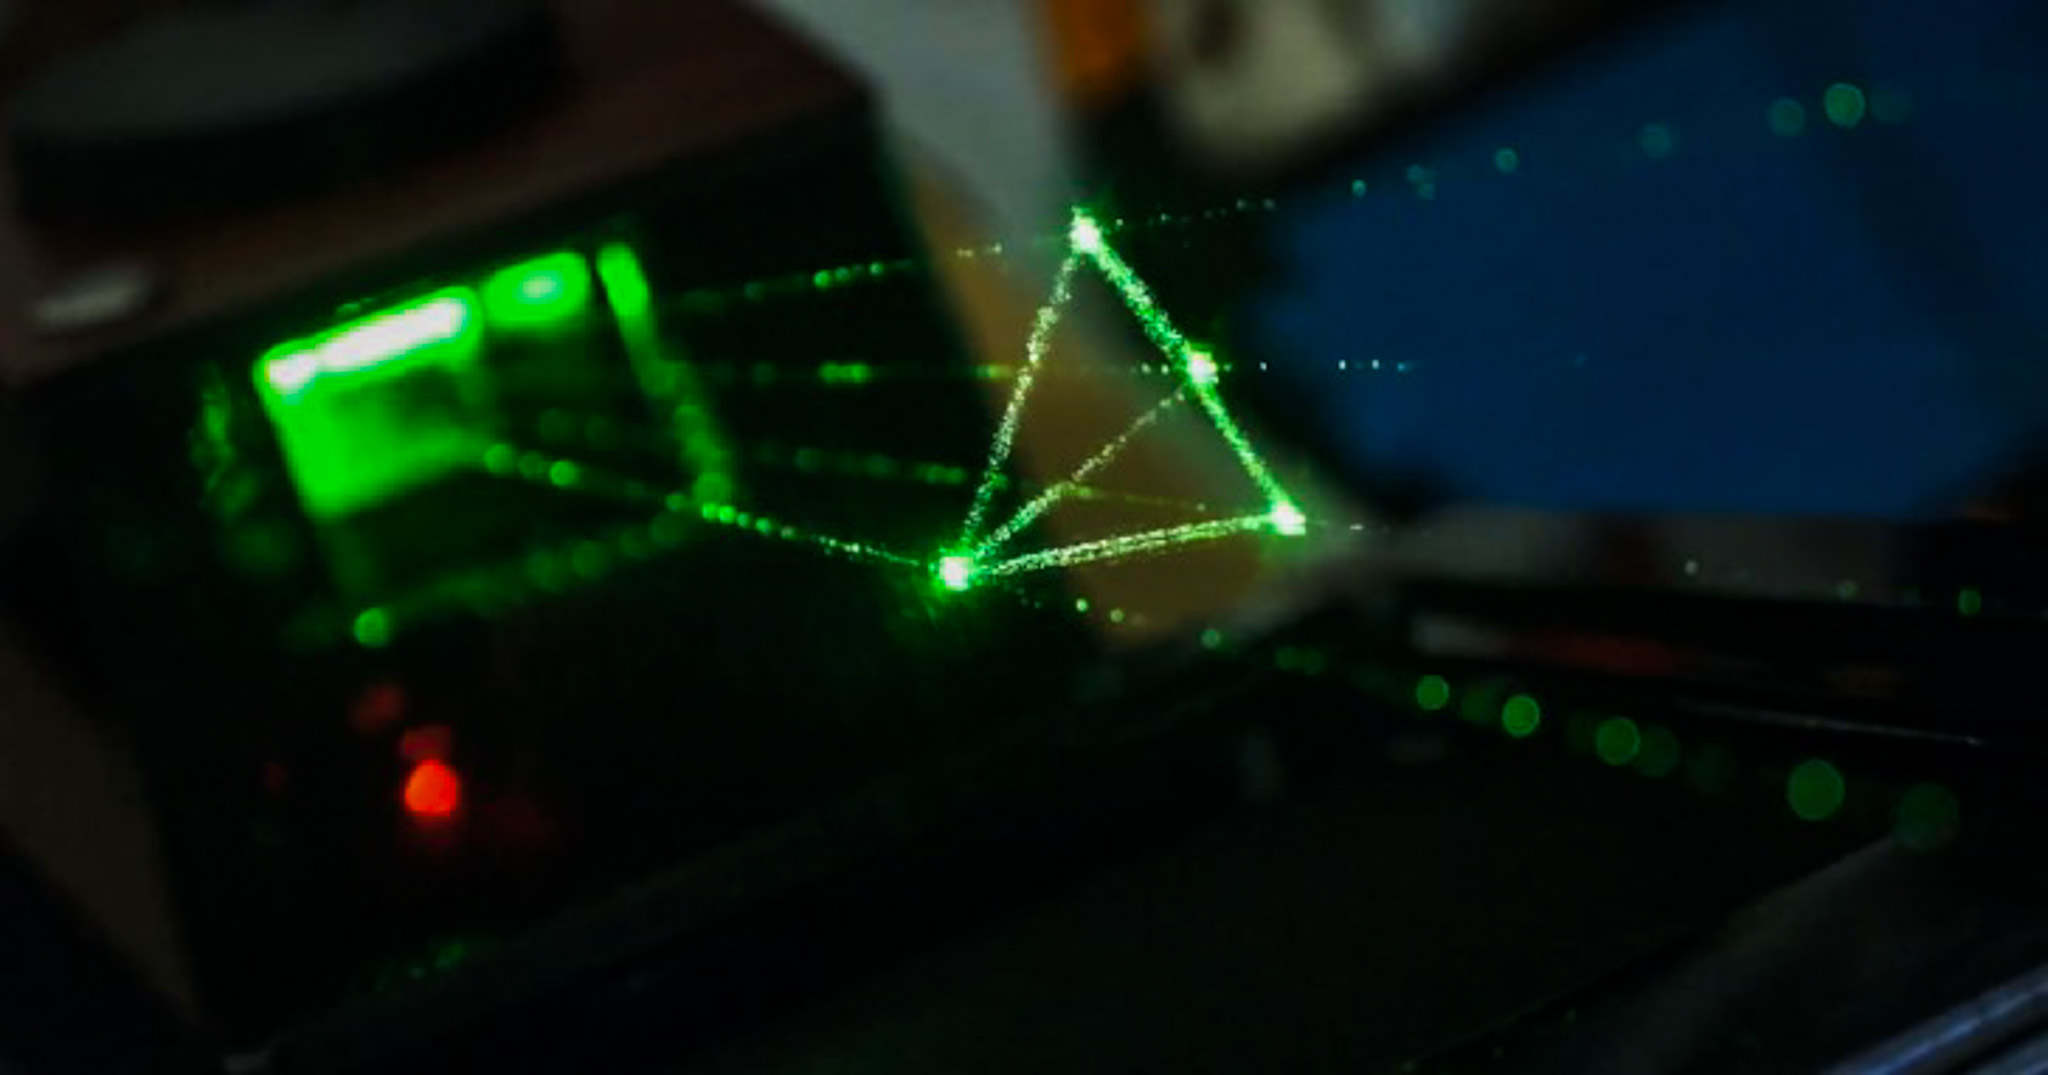 大學生愛分享_逢甲大學光電科學與工程學系黃盈勳_3D顯像介面到投射距離遠之又遠、夜視鏡、武器、應用之廣的雷射光以及生活中處處可見的照明設計,和不能沒有你之網路光纖通訊系統,光電系都會接觸到。